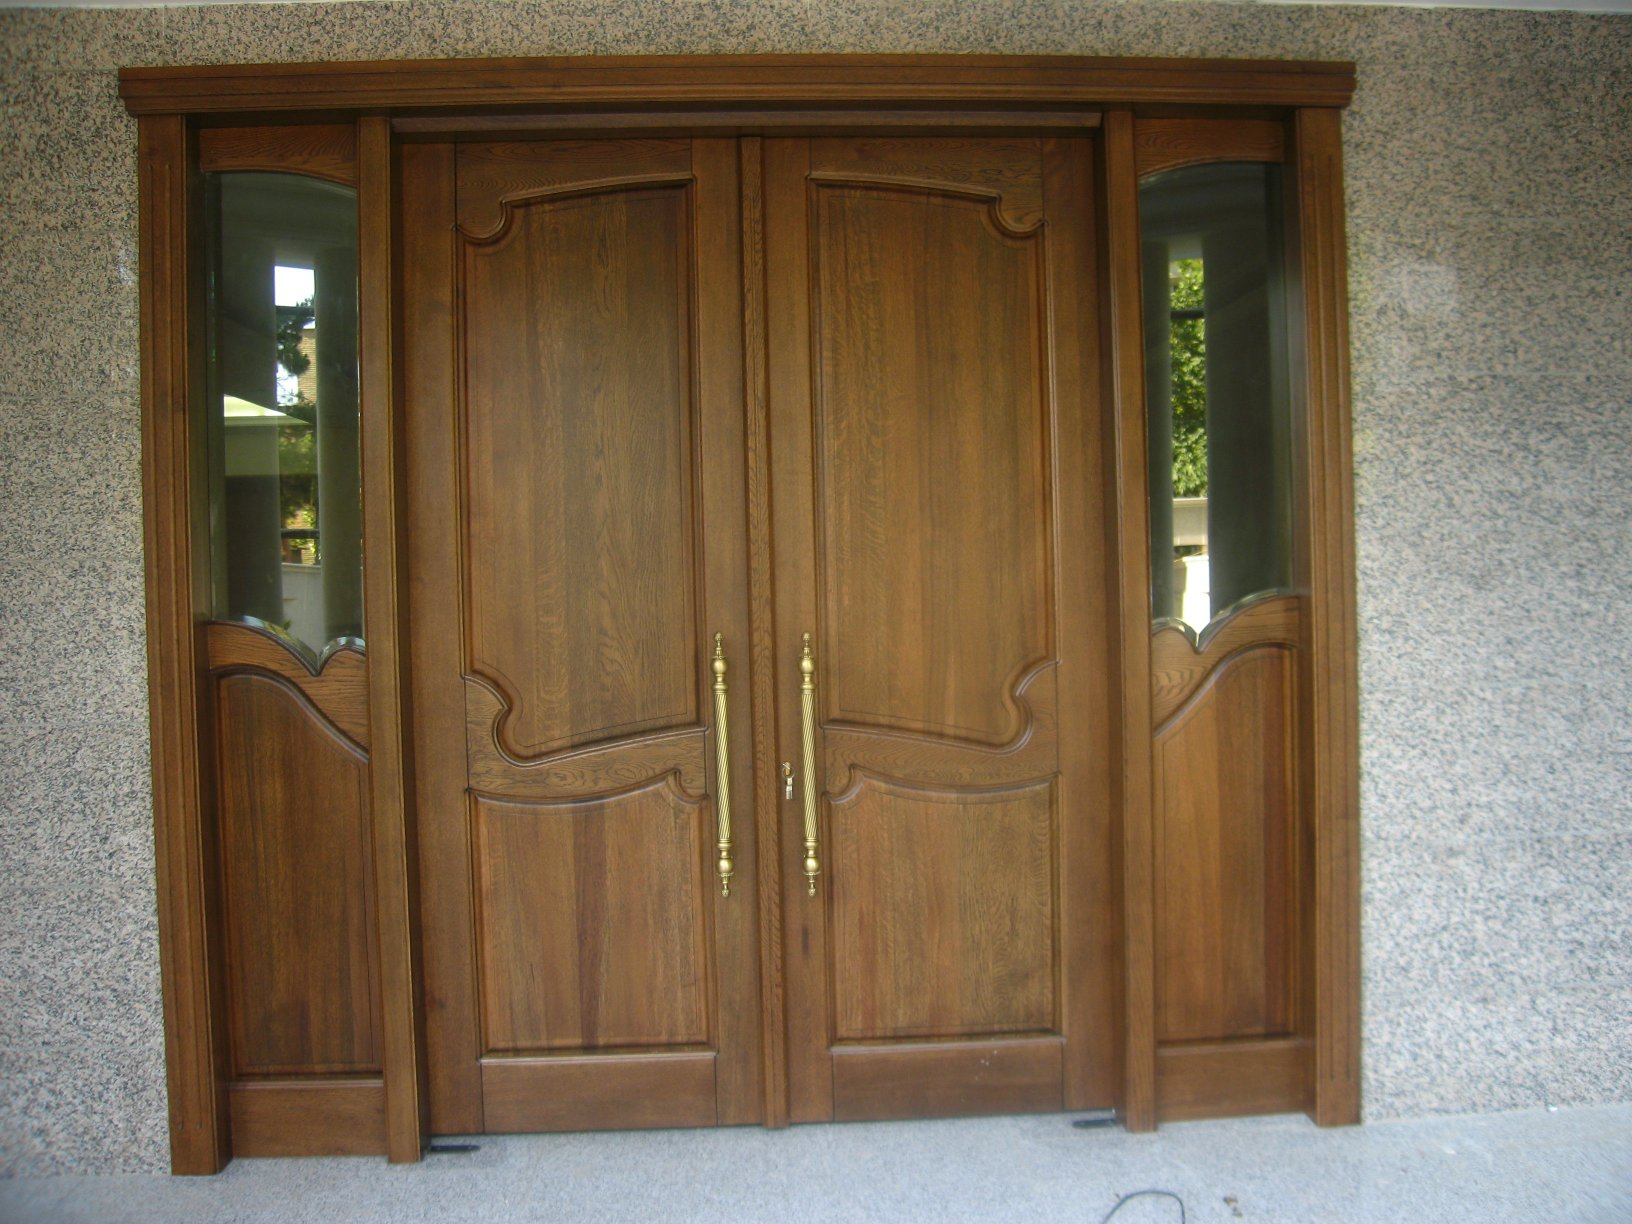 Puertas interior reformas rayla for Cambiar aspecto puertas de interior